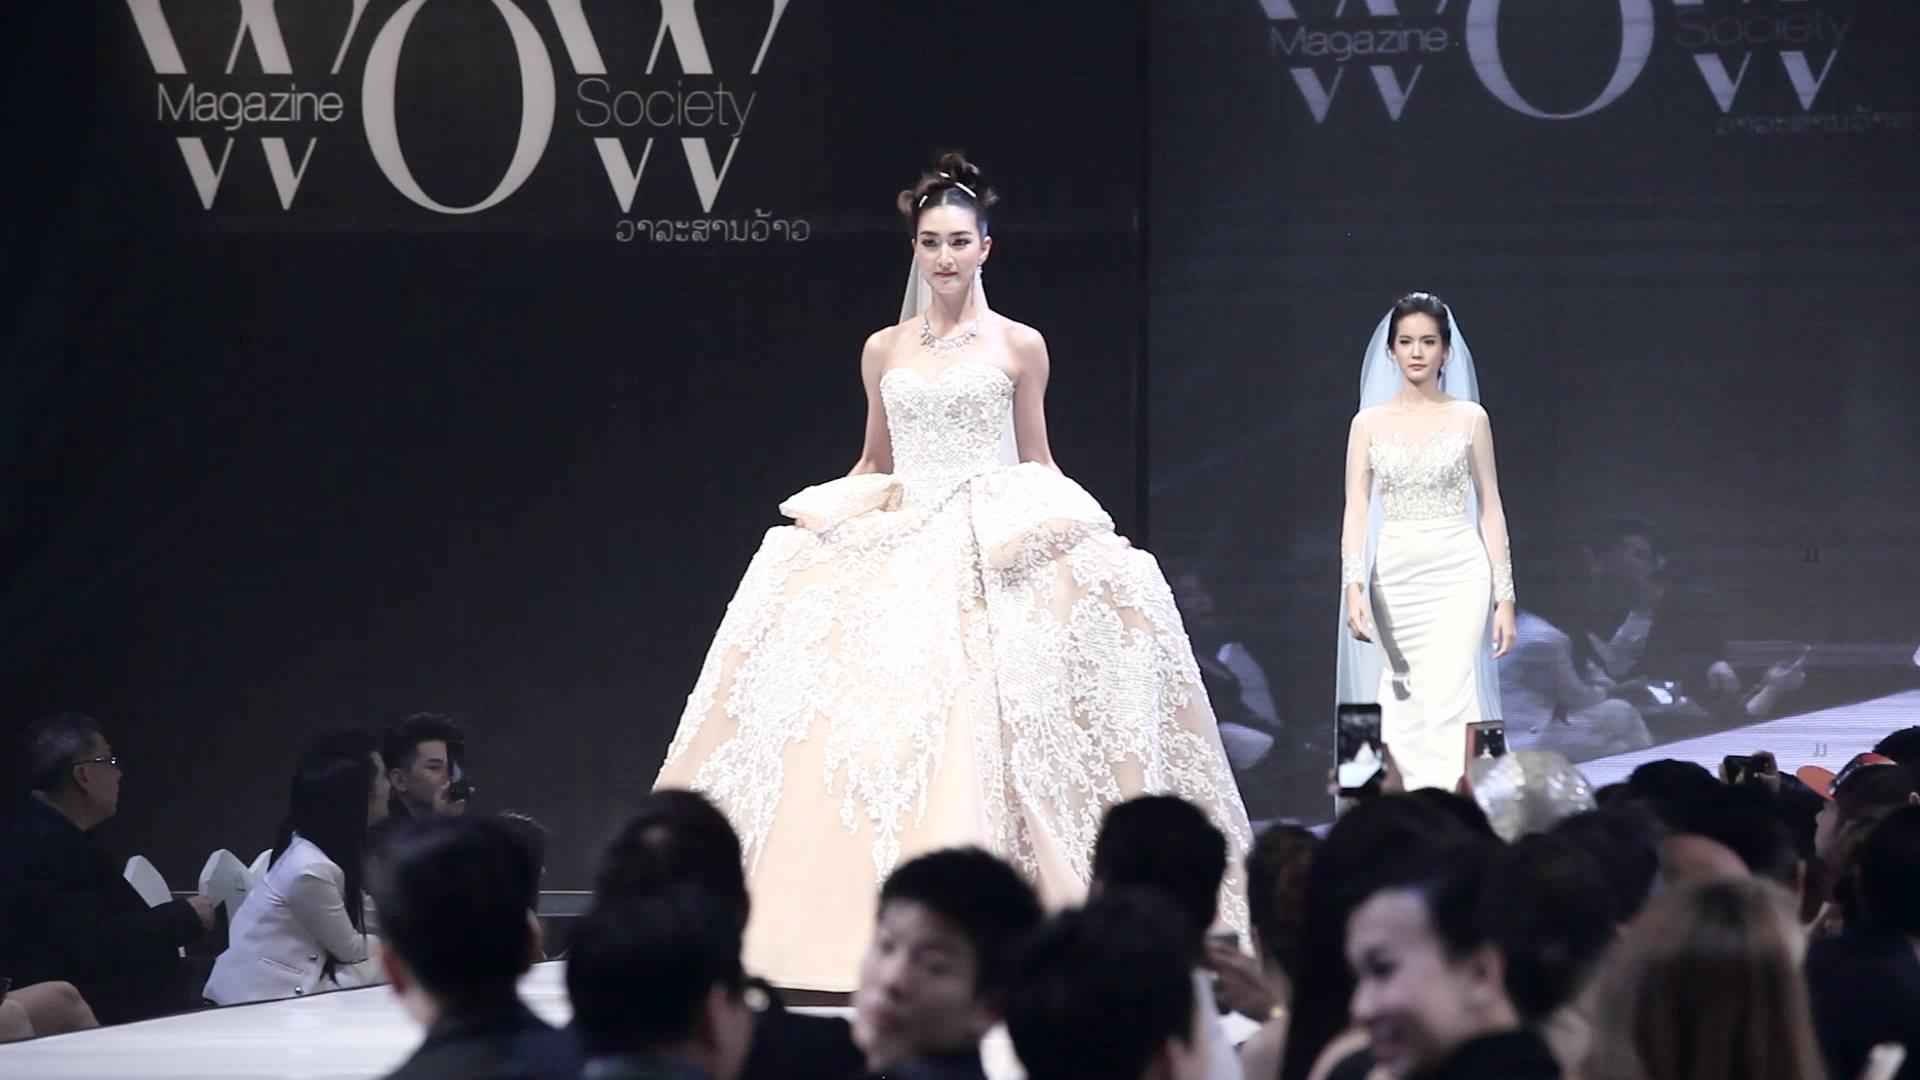 ຮວມຮູບພາບບັນຍາກາດງານ Vientiane WOW Fashion Week 2017 ທີ່ໂຮງແຮມແລນມາກ